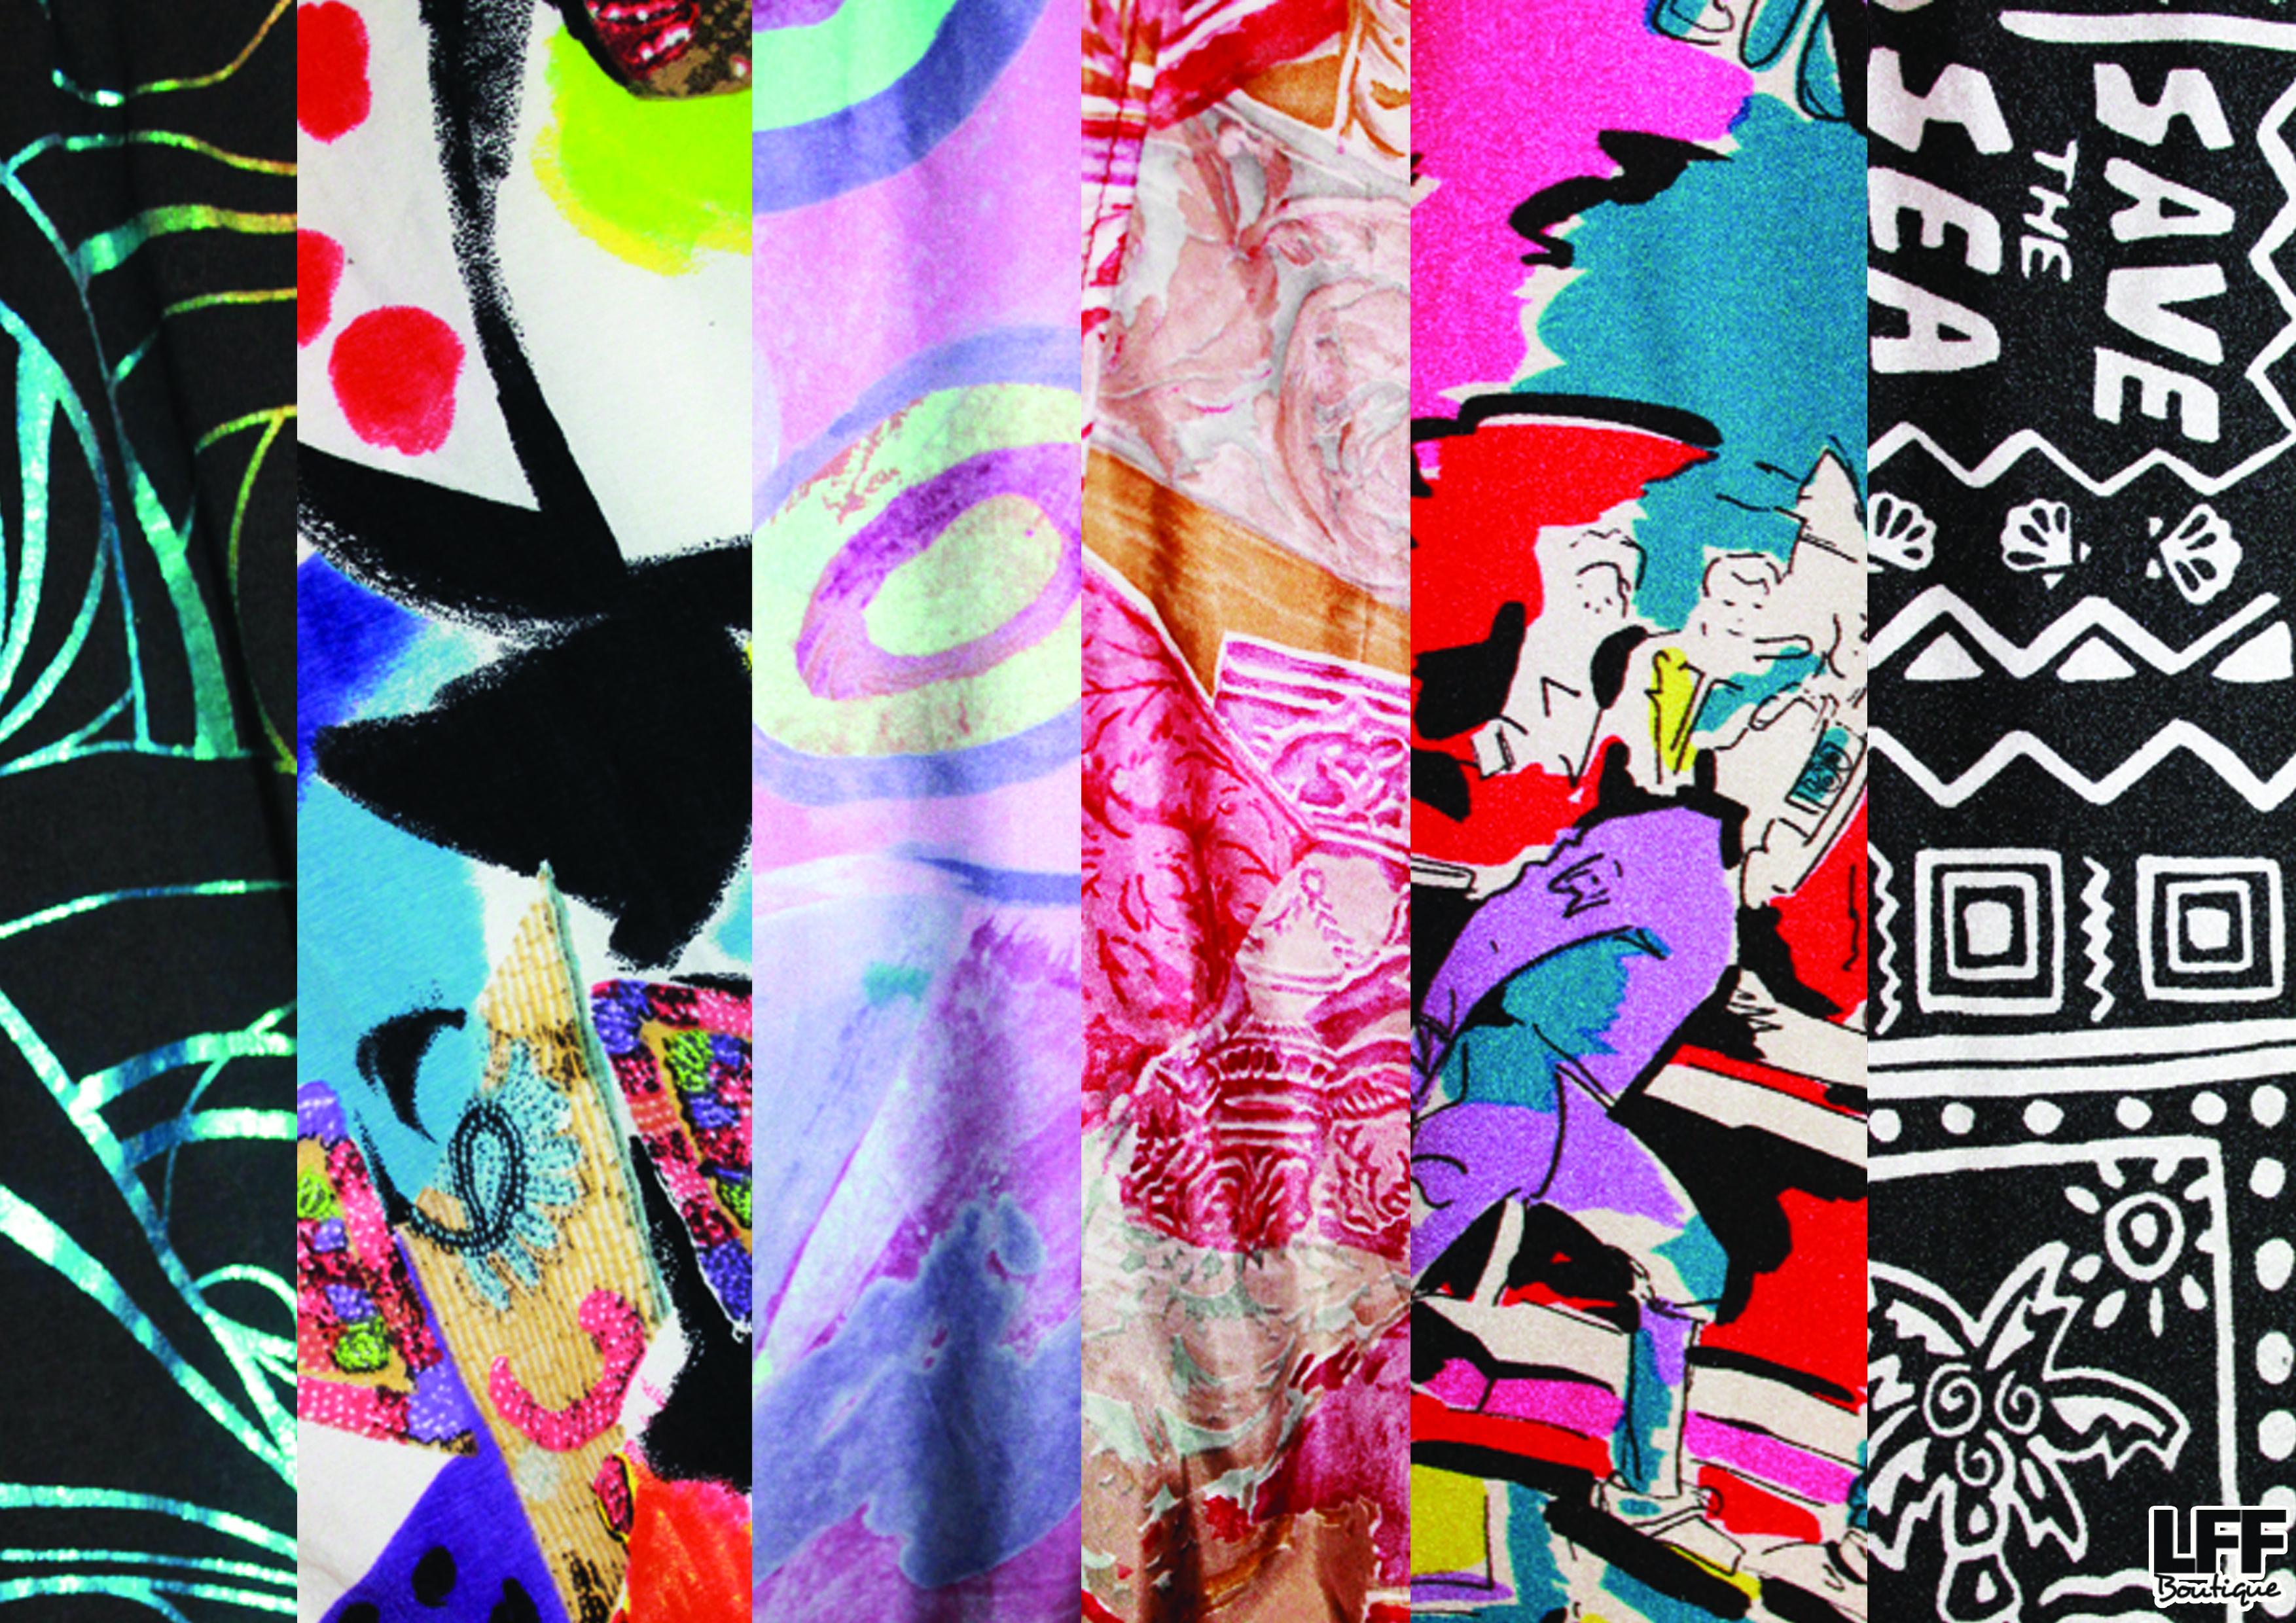 LFF S/S 14 Print Sneak Peek! 90's Clashing Prints! Plus